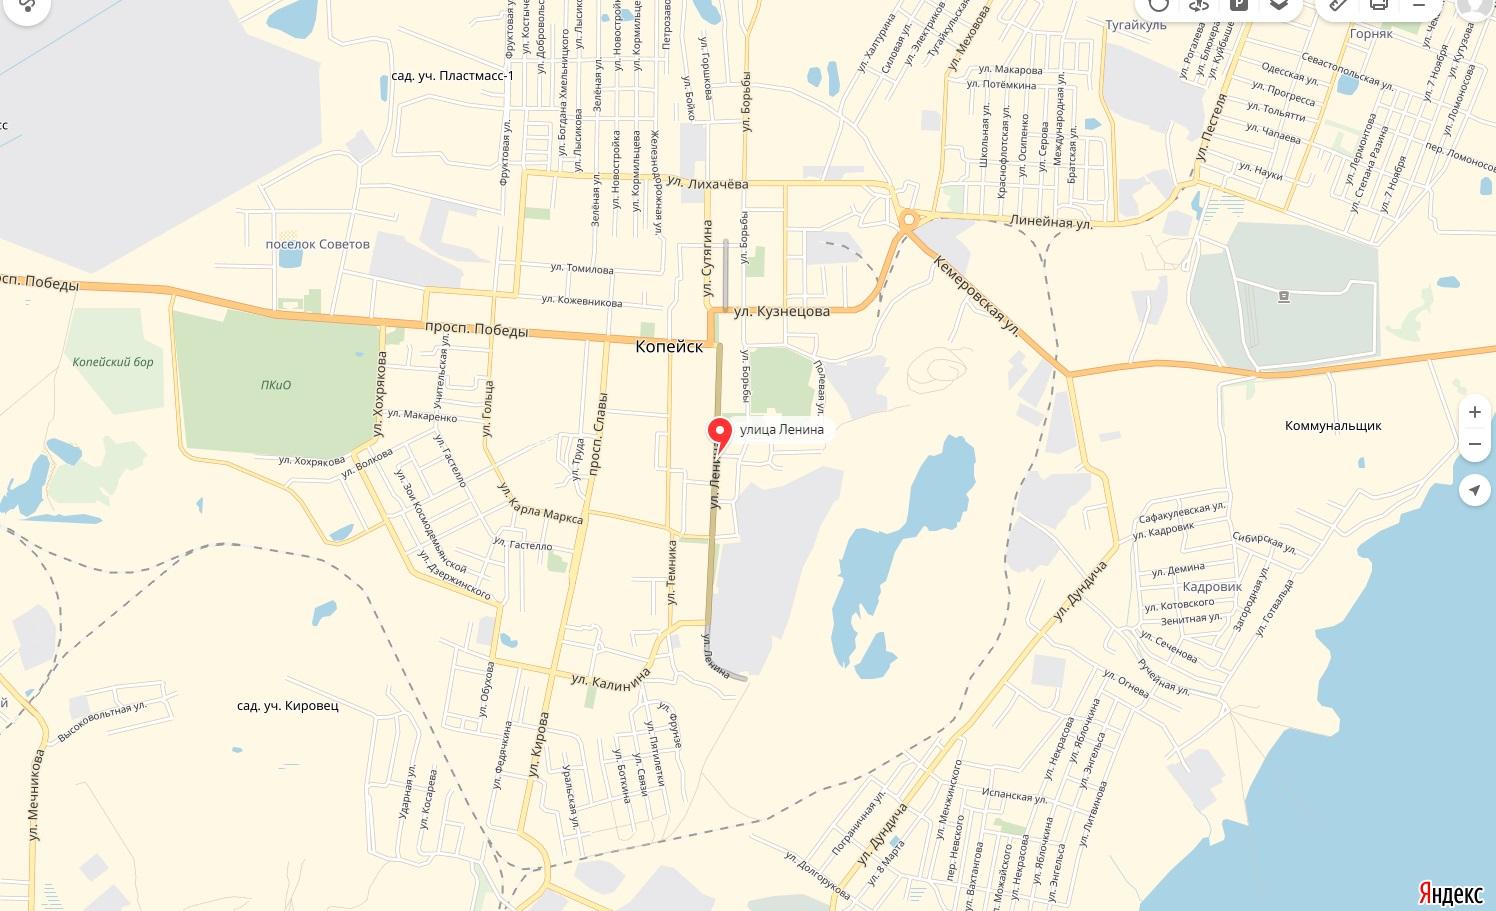 Карта Улицы Ленина Копейска